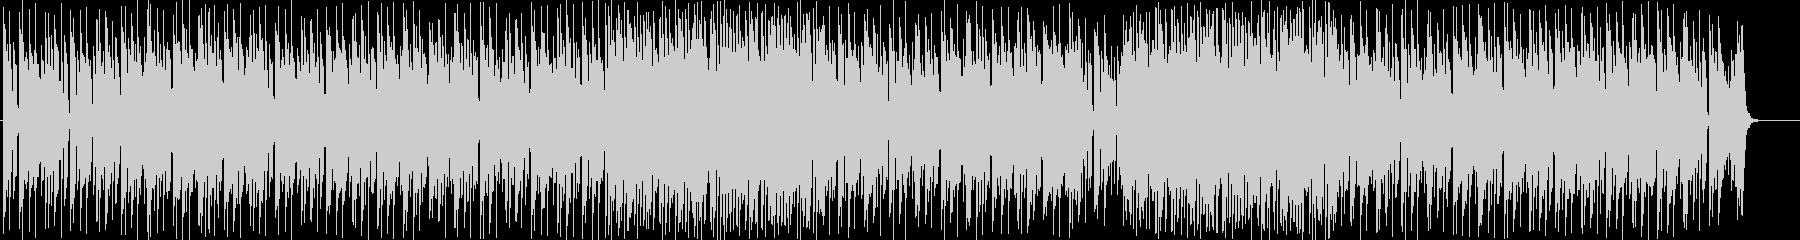 速いテンポのシンセサイザーサウンドの未再生の波形